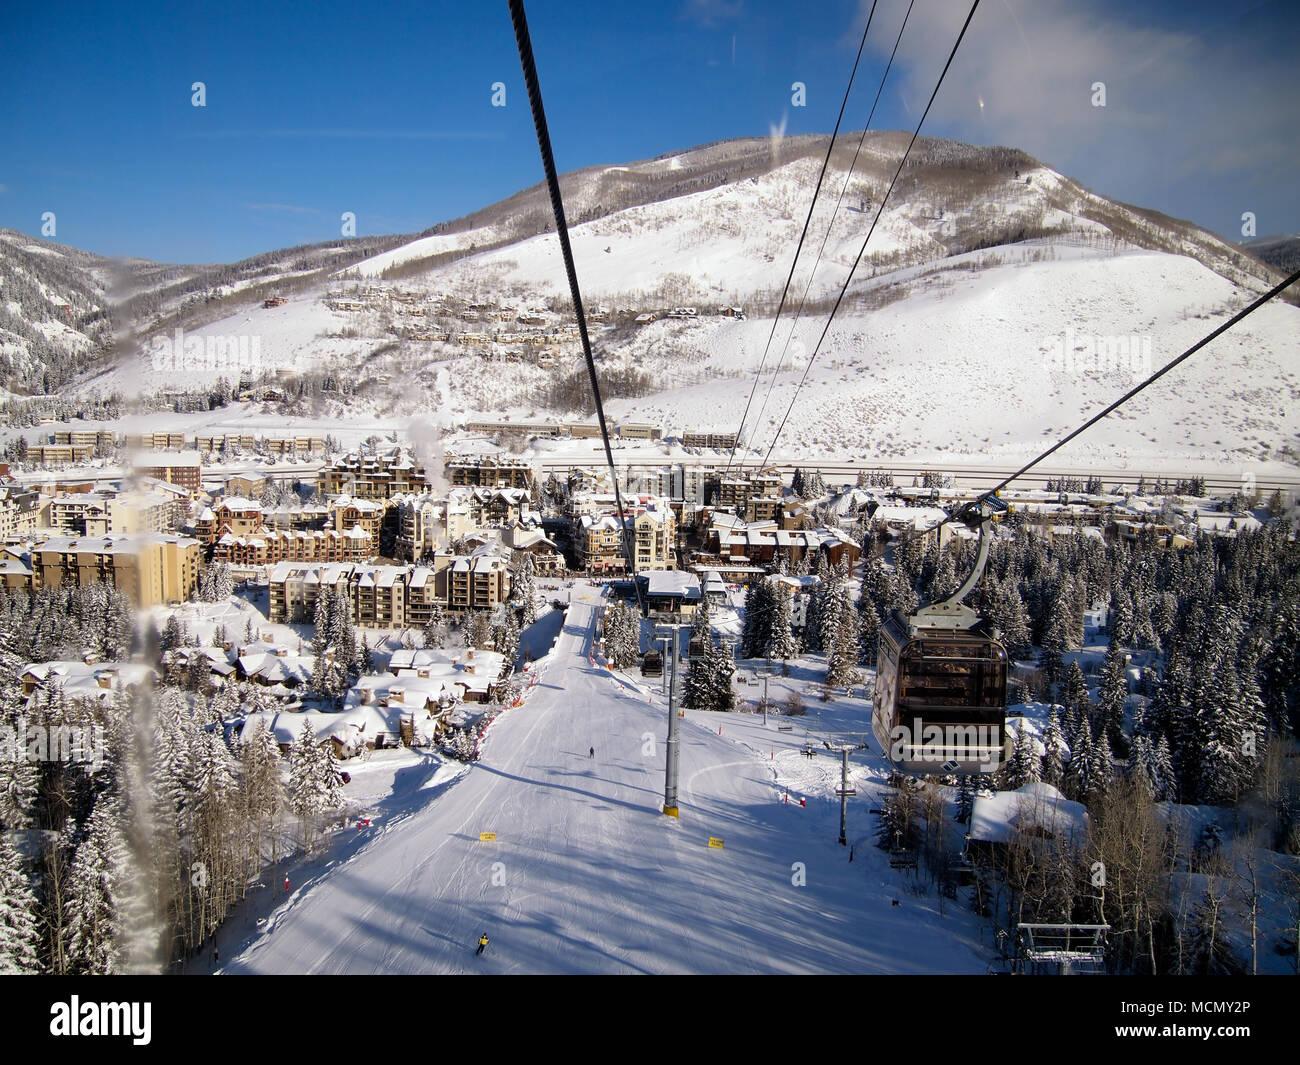 vail, colorado; ski resort stock photo: 179939838 - alamy